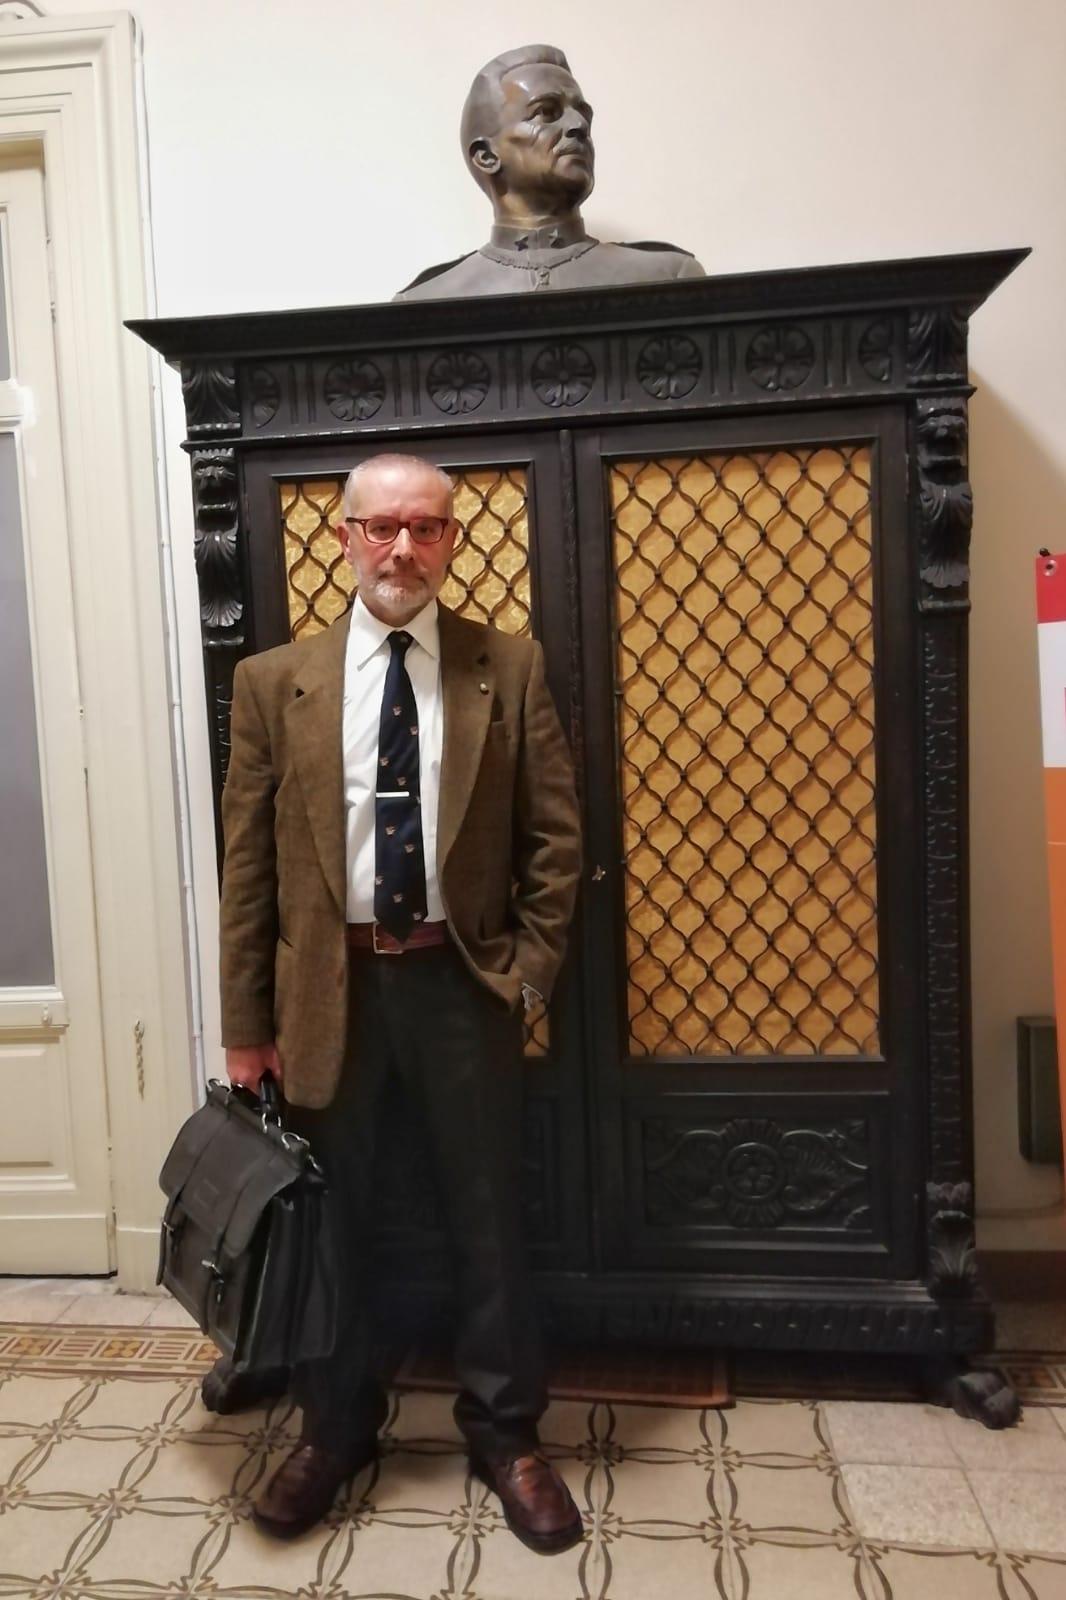 Presentazione di un libro presso l'Unione Nazionale Ufficiali in Congedo - Unuci